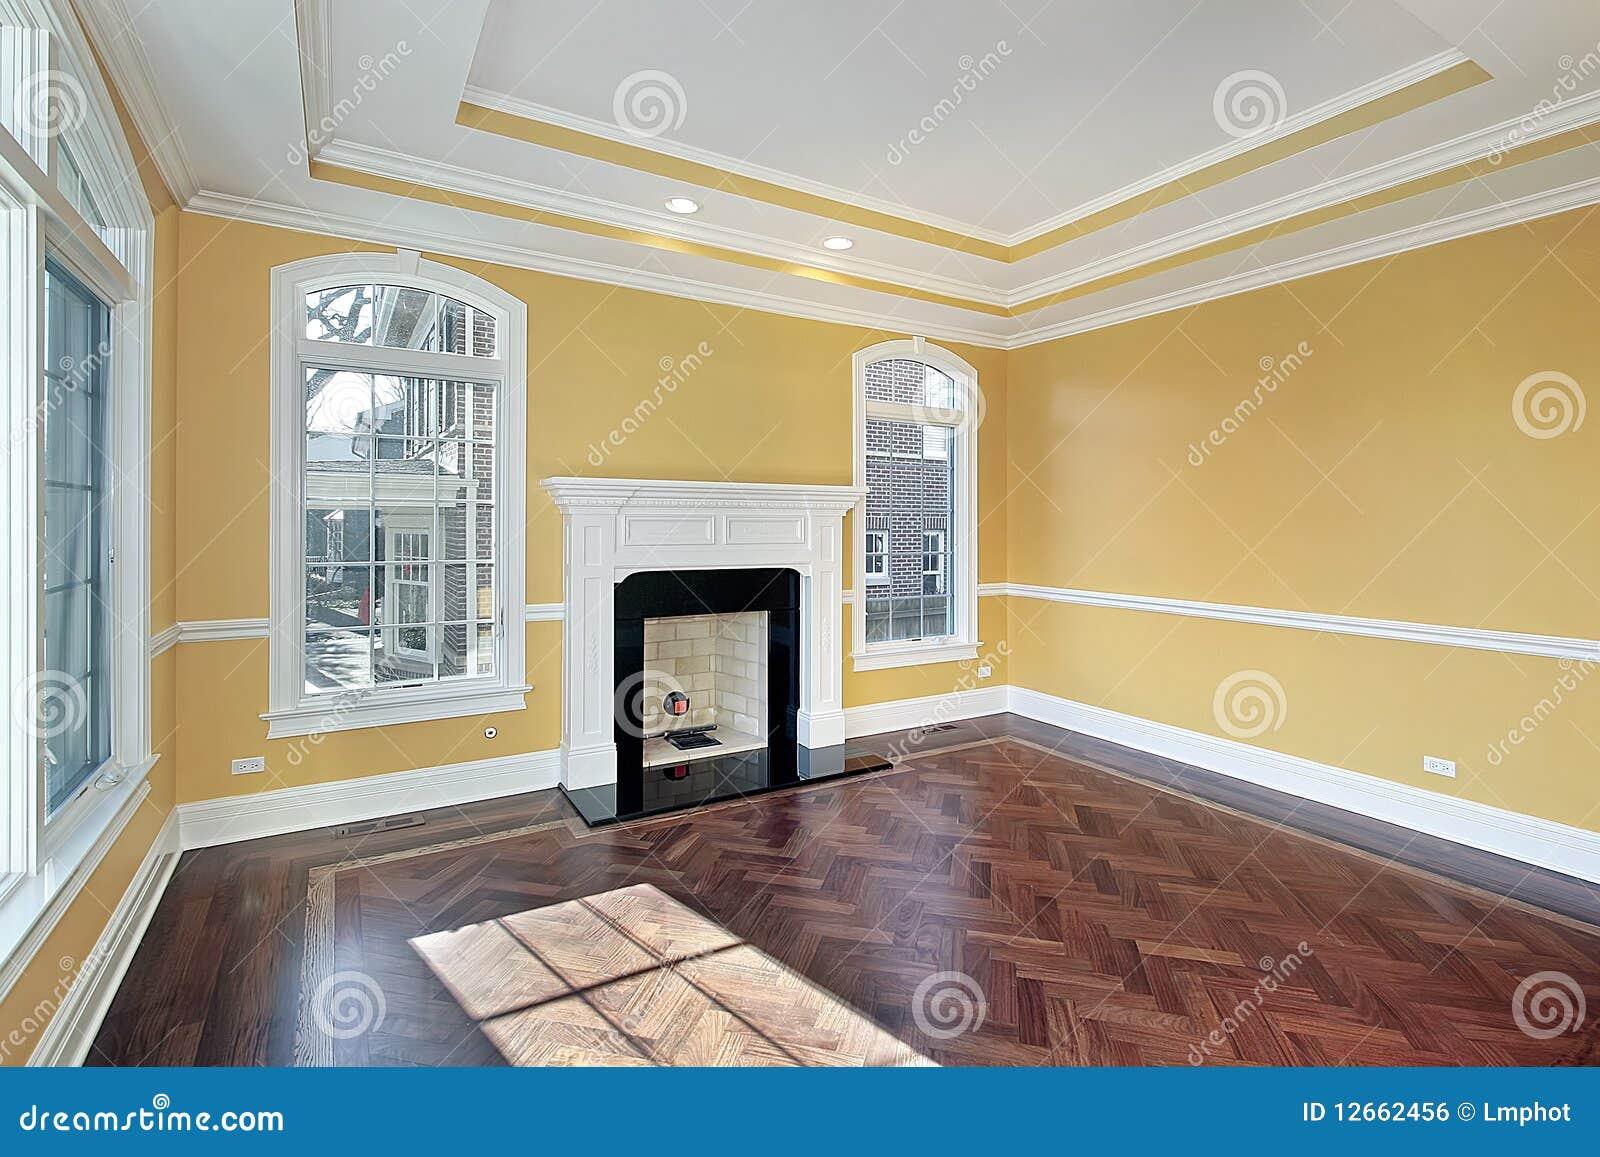 Idee per tinteggiare le pareti finest idee per pitturare - Tinteggiare casa idee ...